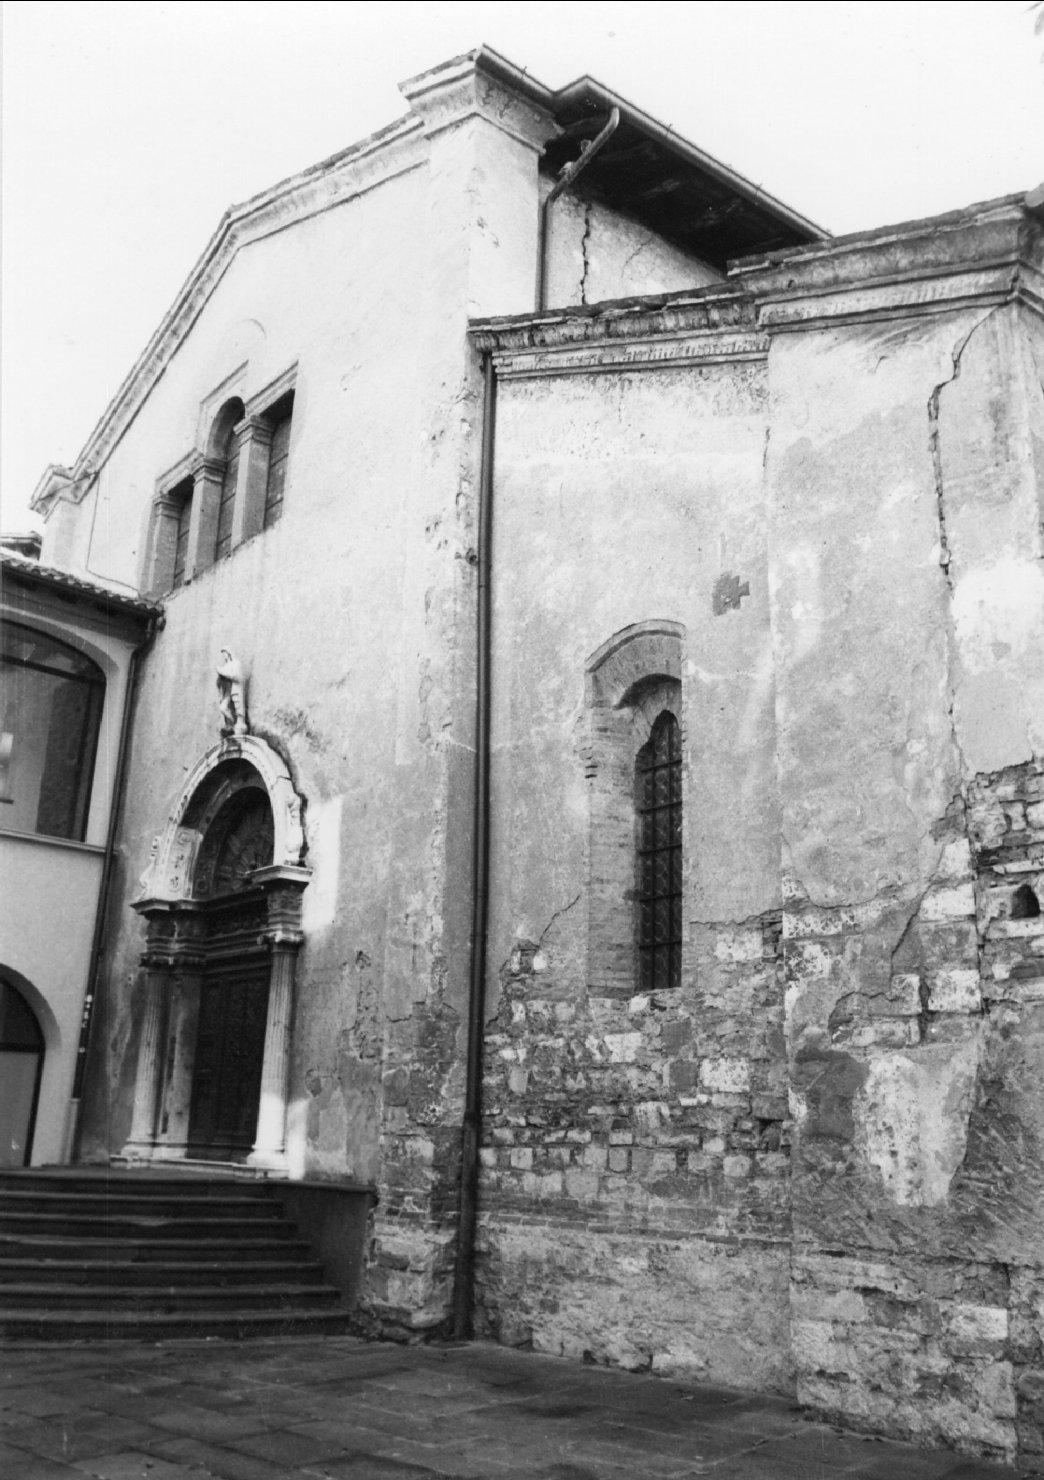 Pieve di Santa Maria Nascente (chiesa, sussidiaria) - Palazzolo sull'Oglio (BS)